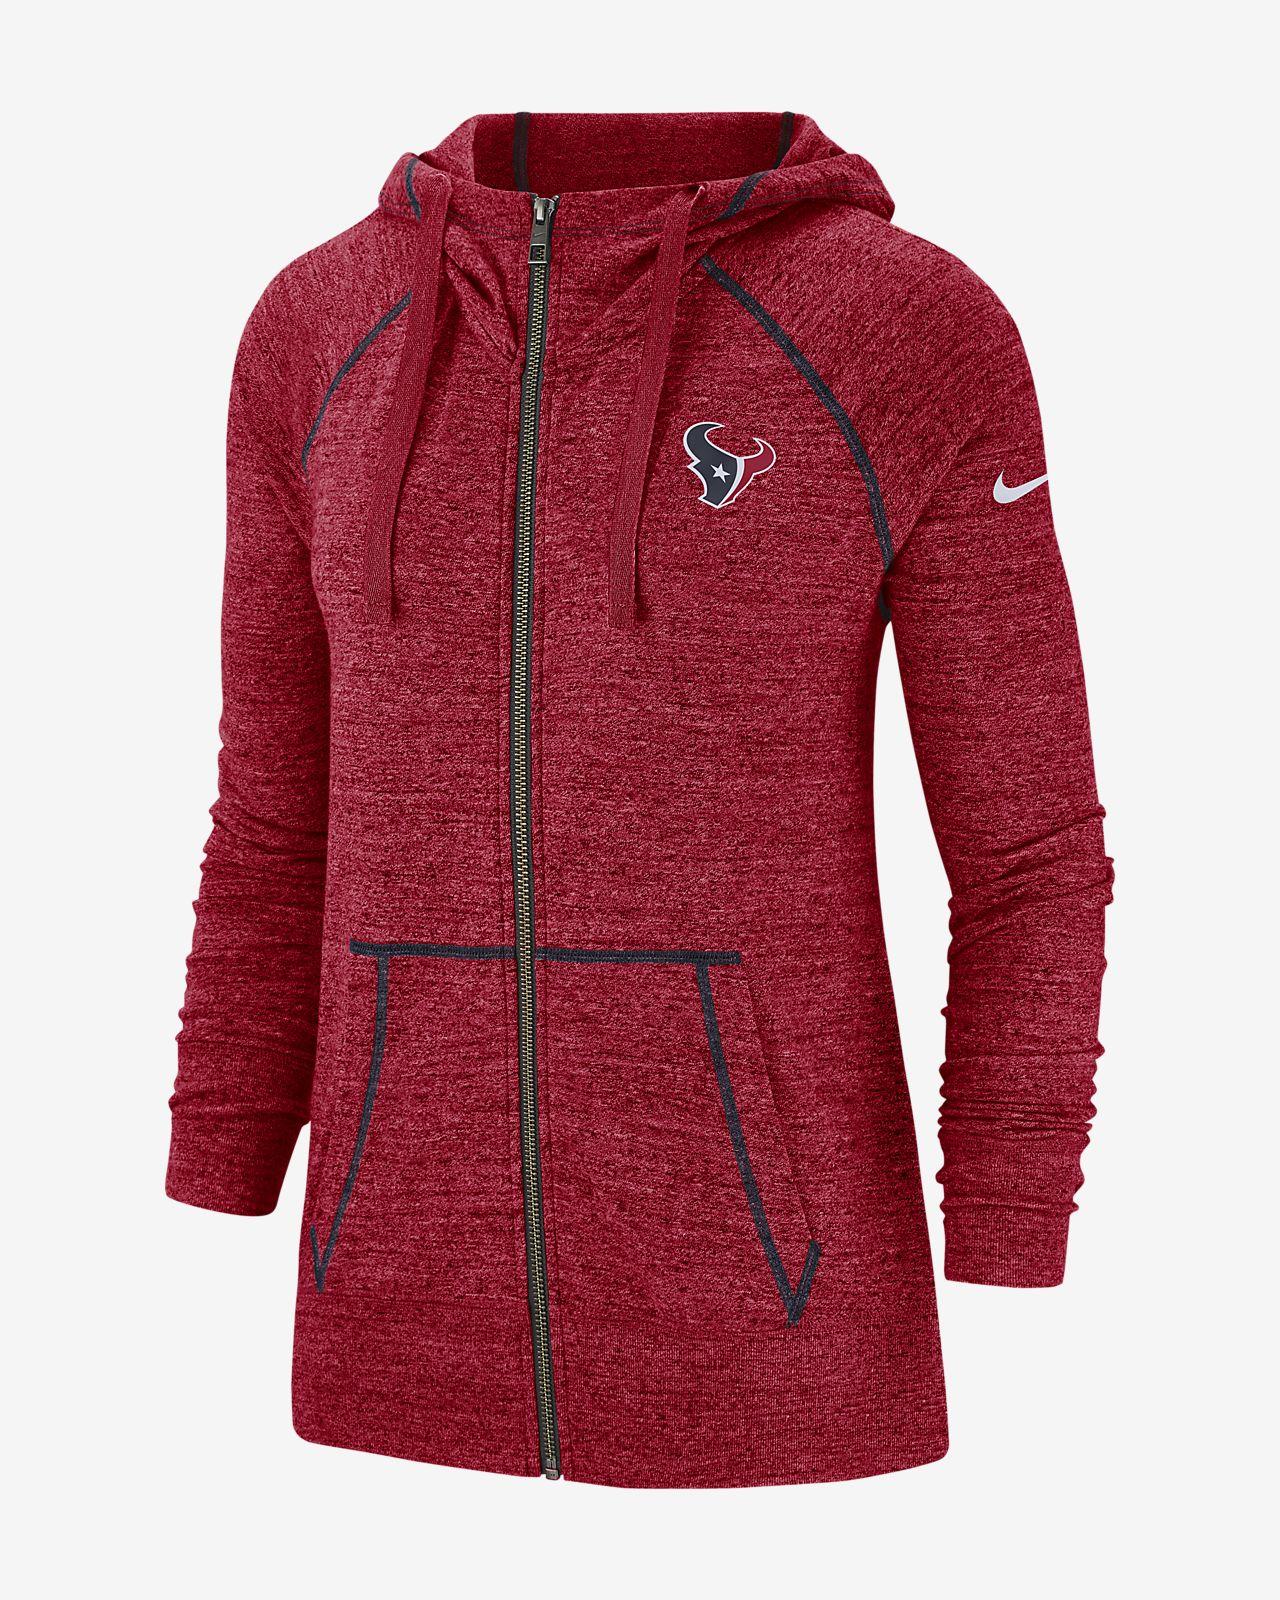 new product 4c033 889ae Nike Gym Vintage (NFL Texans) Women's Full-Zip Hoodie